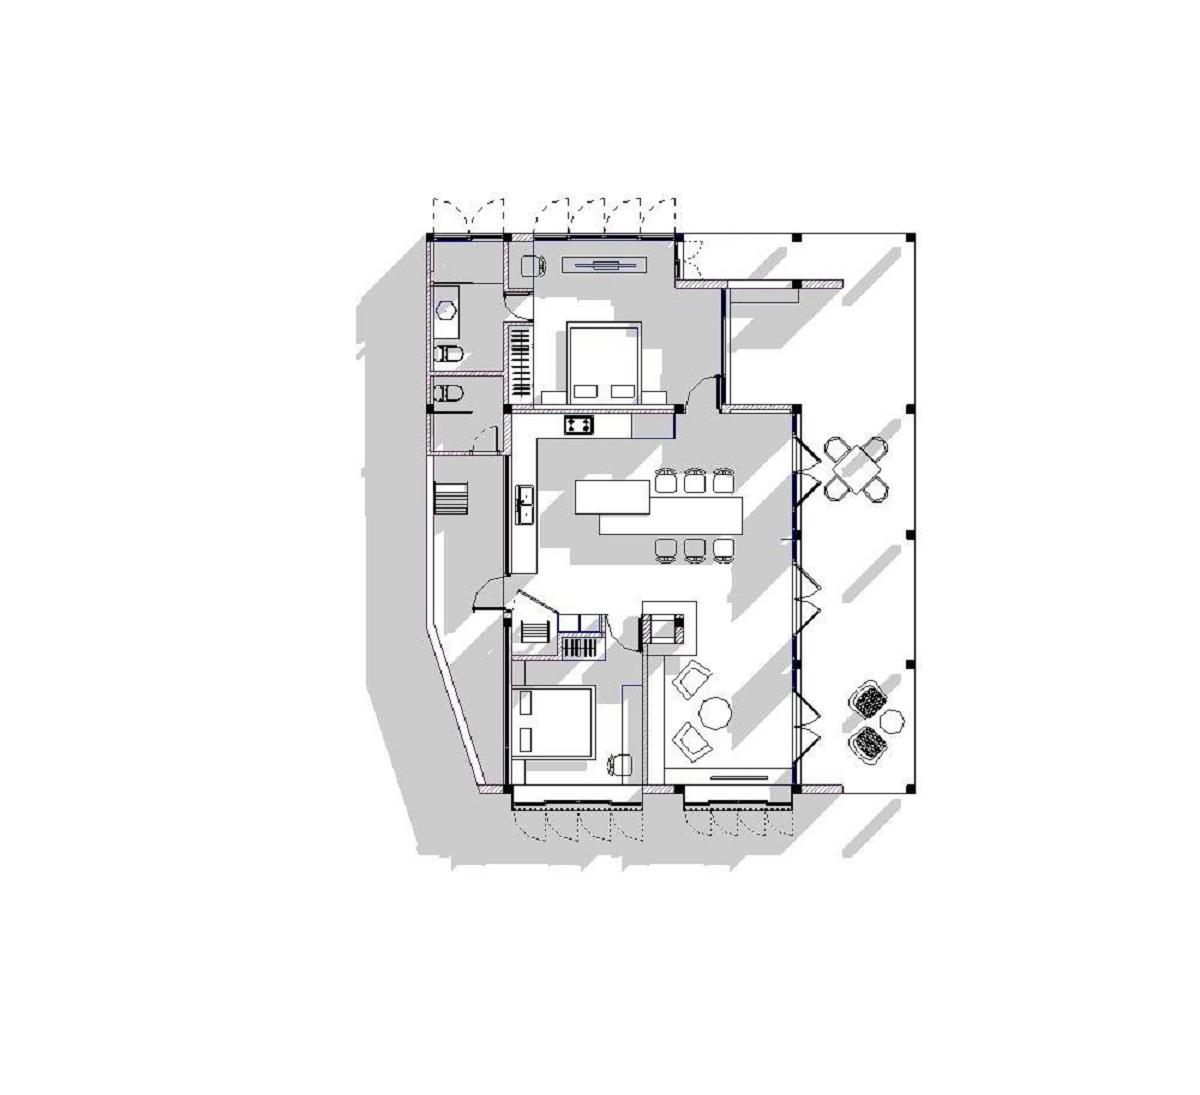 kienviet xuan anh house tan huong khong gian yen binh garchitects 7 - Nhà Xuân Anh - Tìm về chốn yên bình